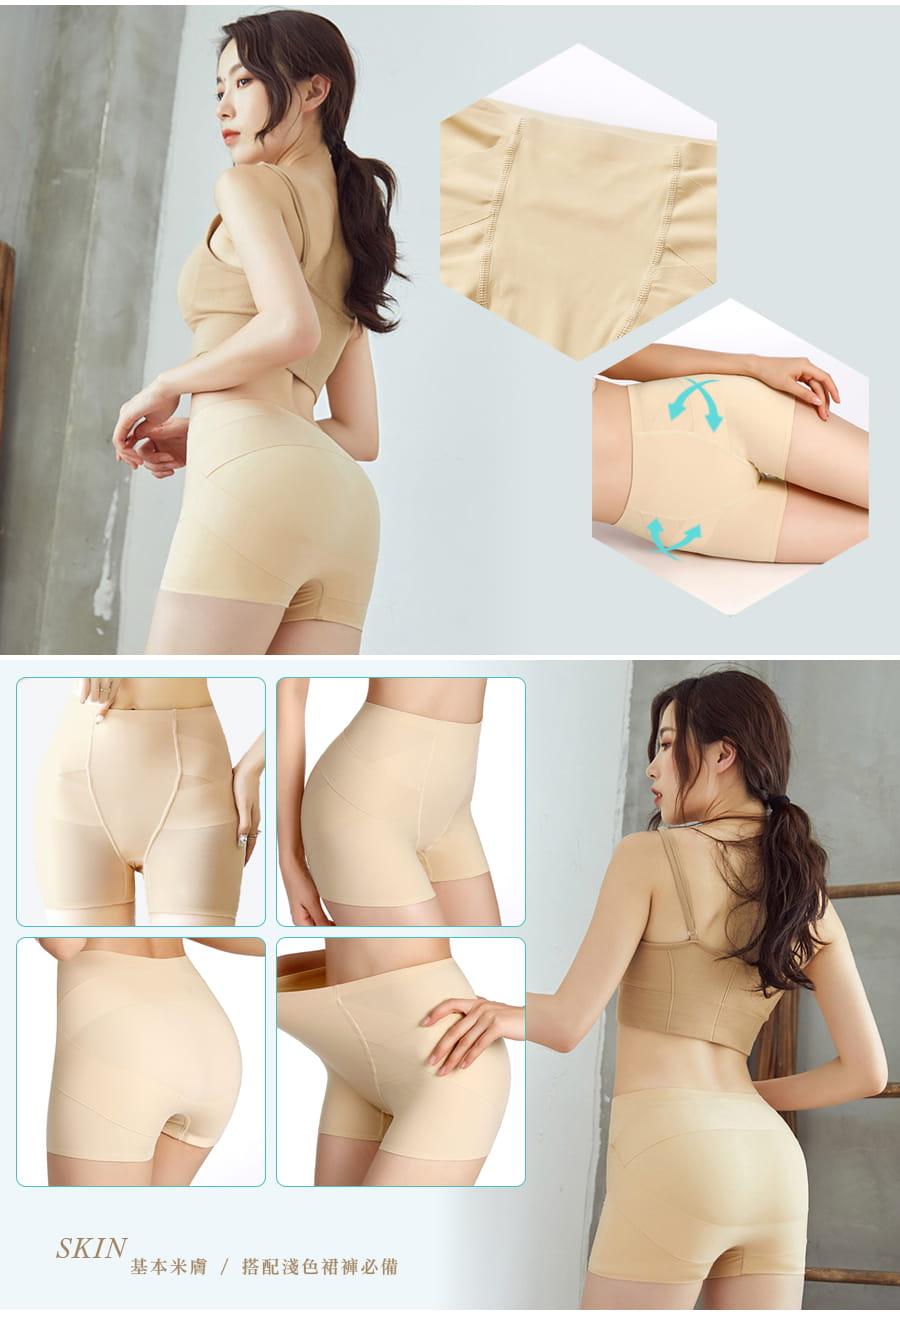 【Un-Sport高機能】四合一平腹雕塑拉提褲(收腹+提臀+內褲+安全褲) 6